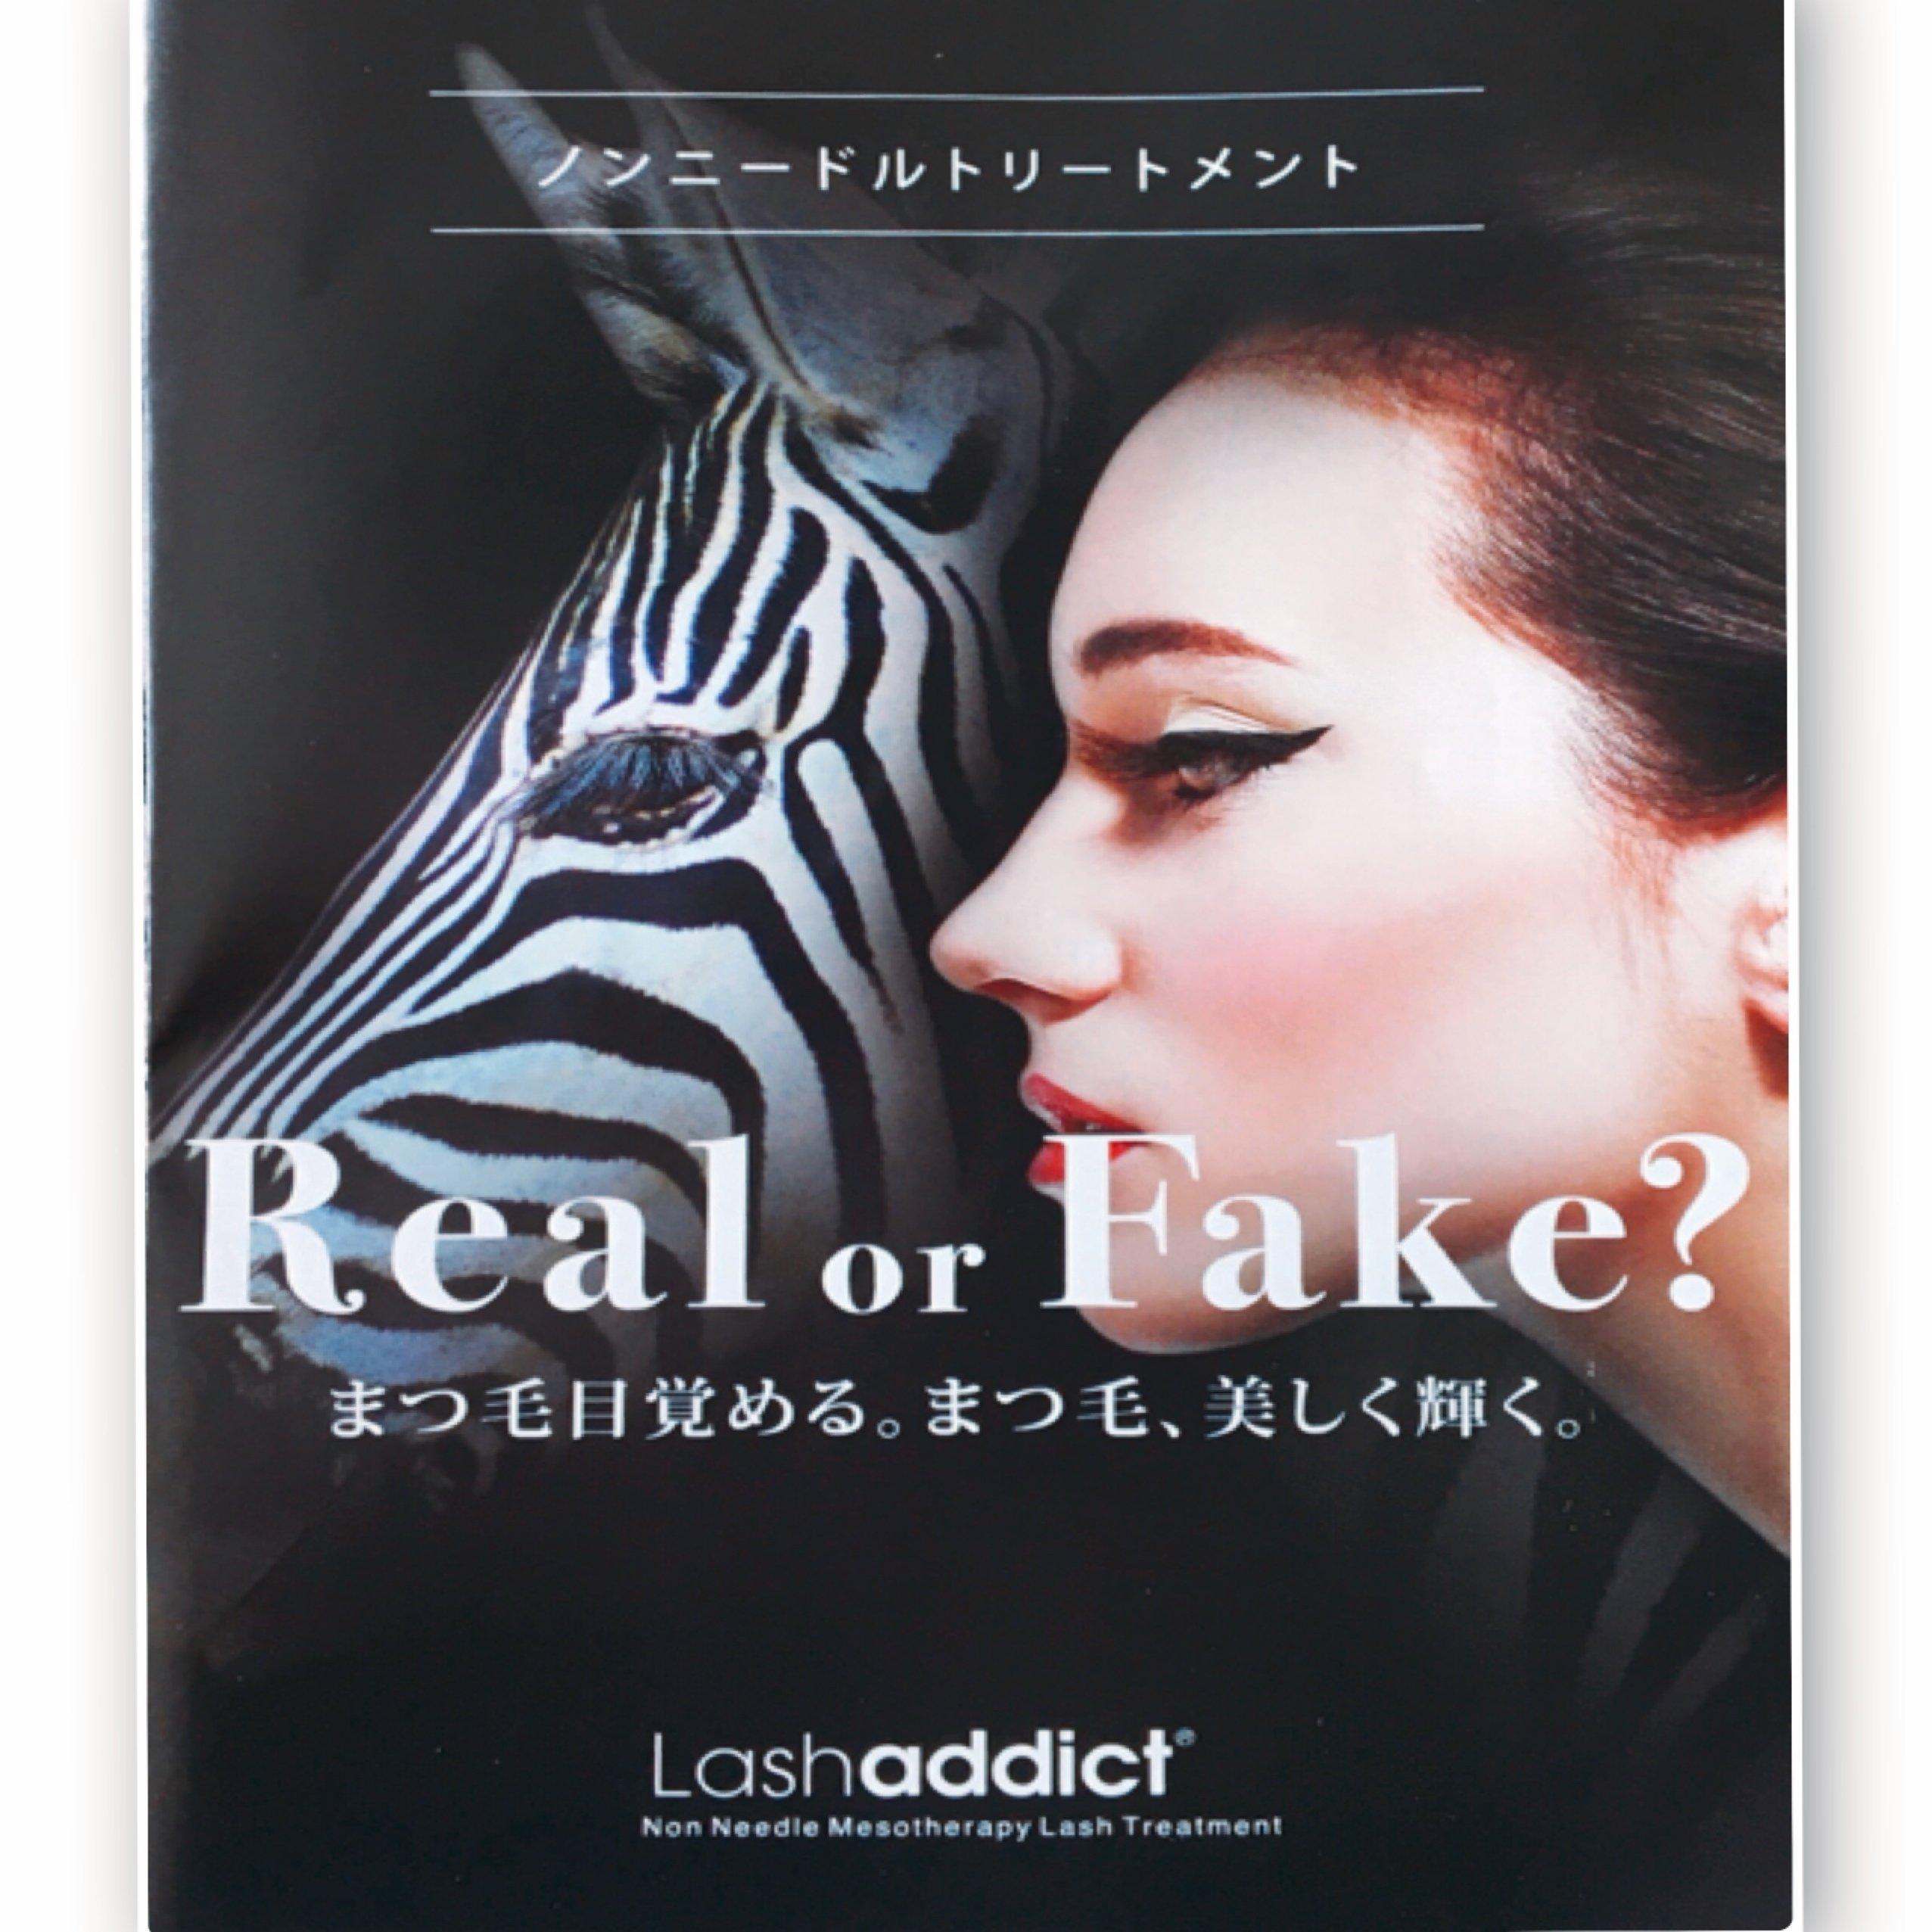 [サロンケア1回]高濃度美容液導入¥7,700(税込)のイメージその1